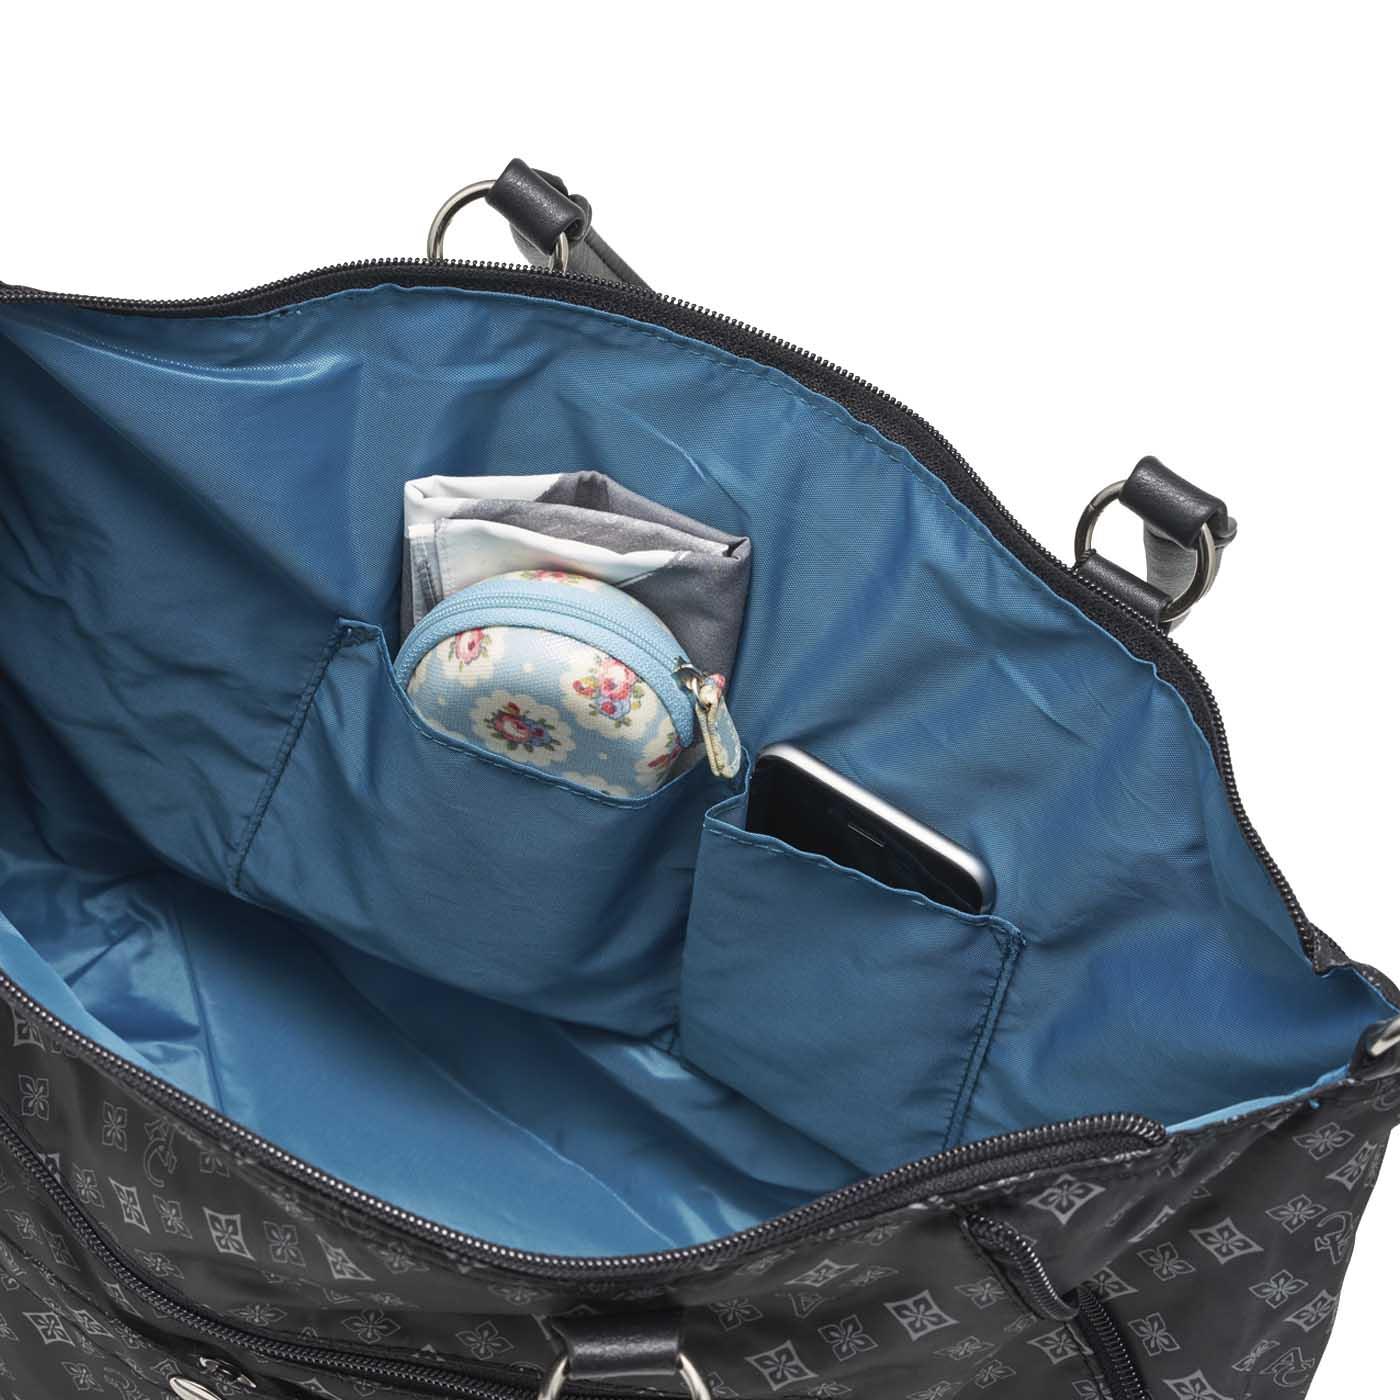 かばんの中で迷子になりがちな小物を入れられるポケット付き。